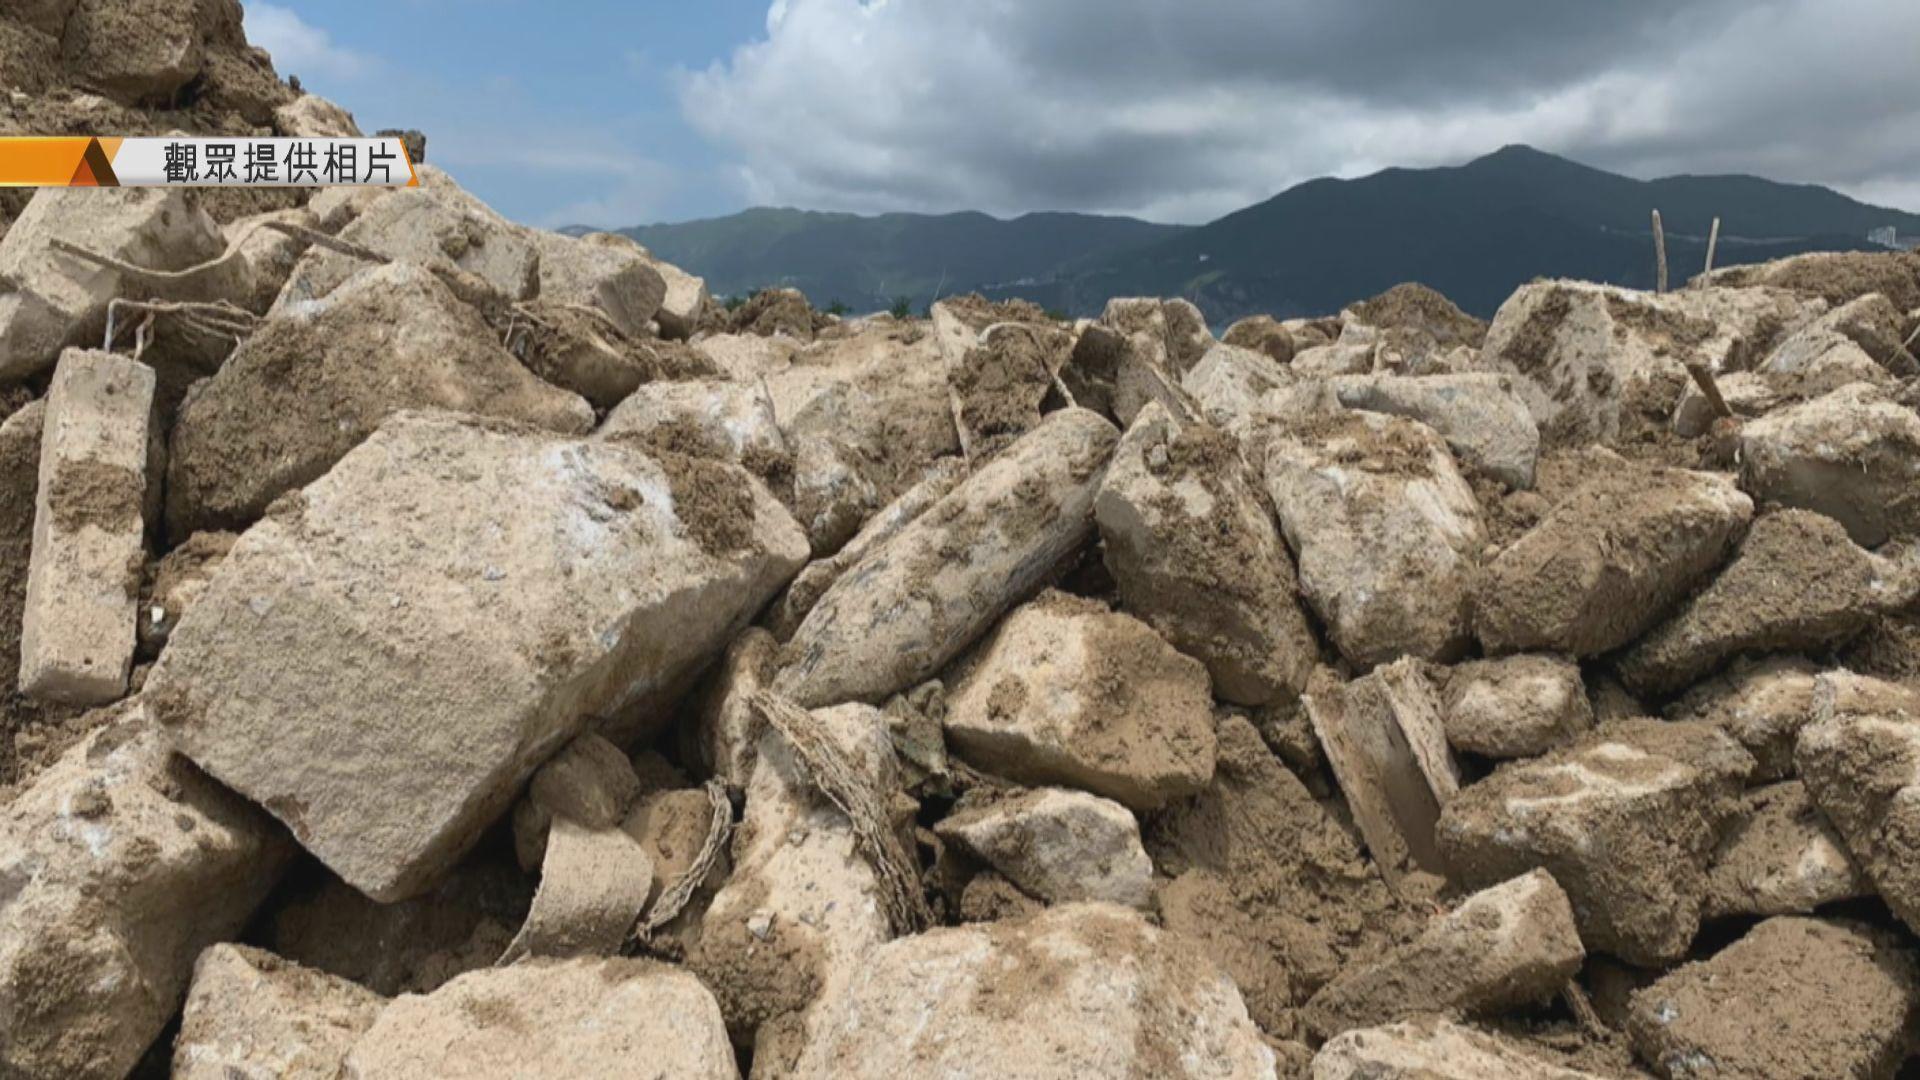 將軍澳堆填區發現懷疑戰時炸彈